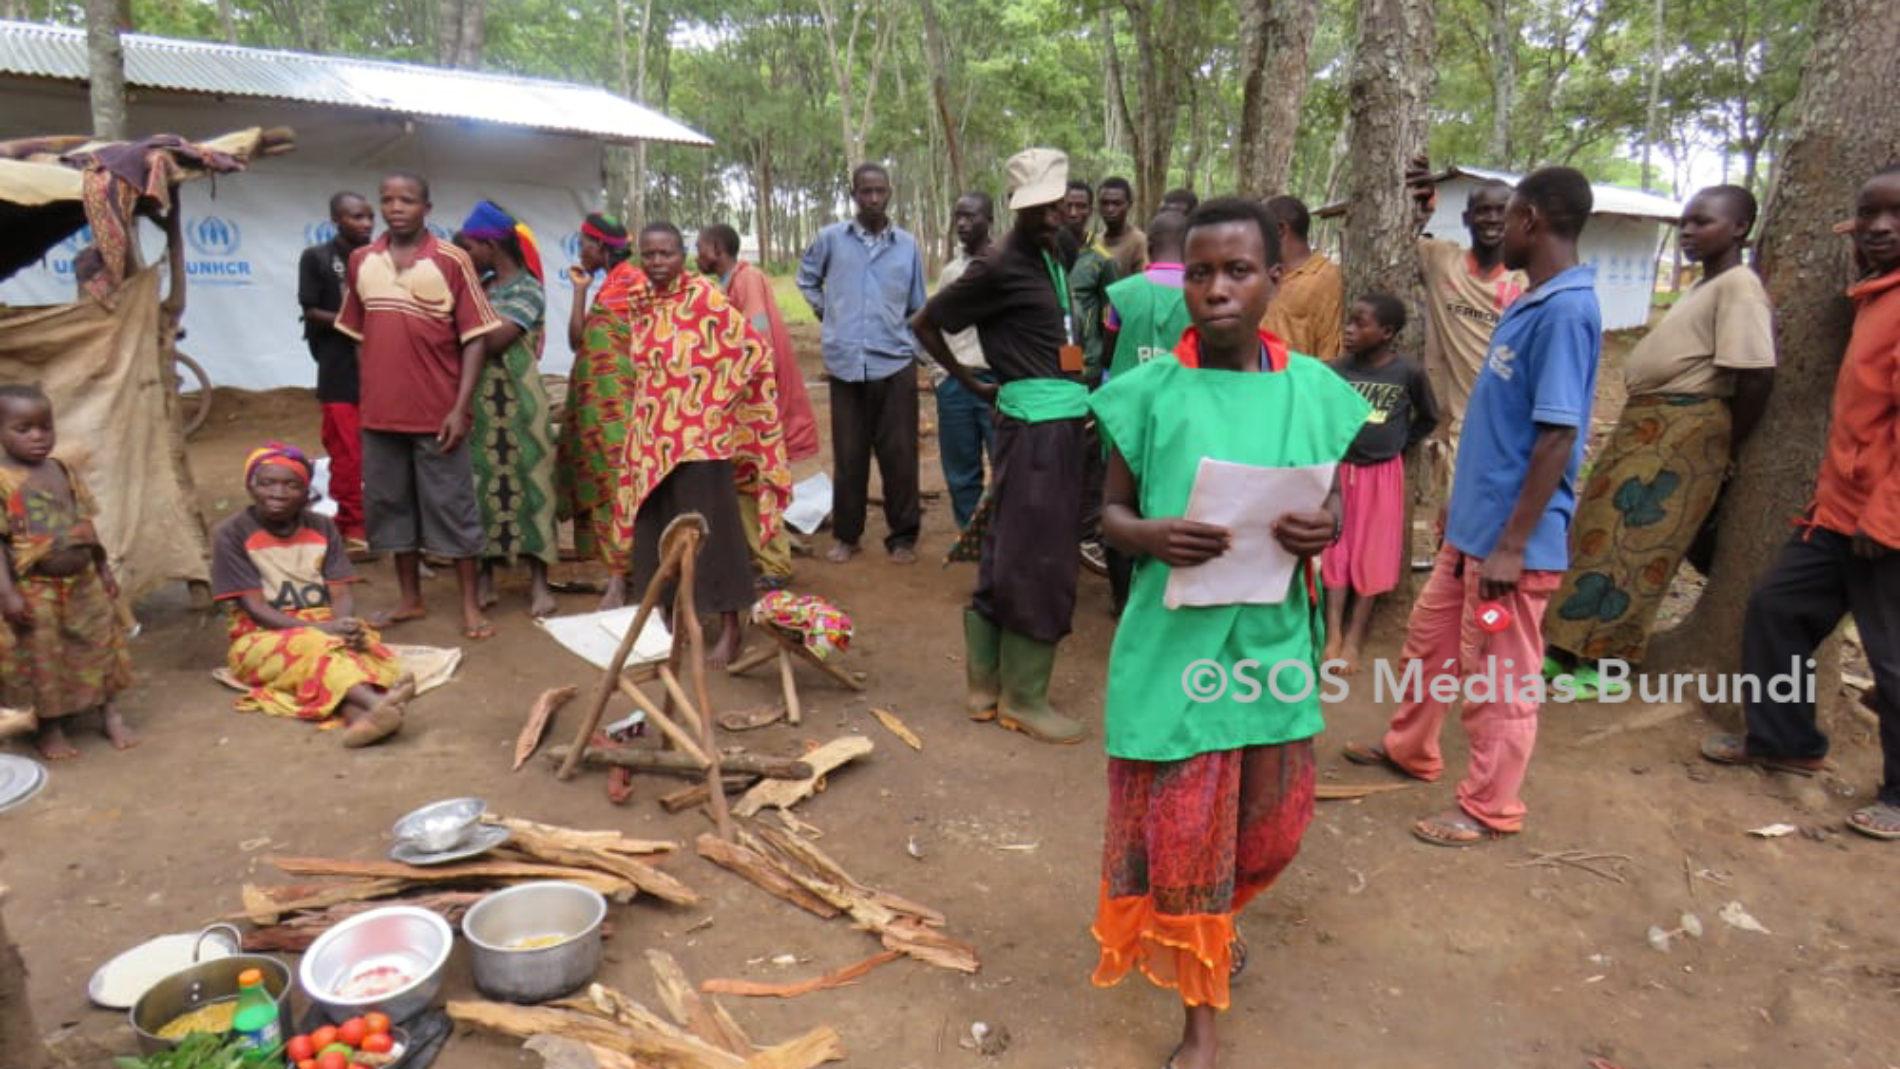 Tanzanie-Burundi : une délégation de réfugiés visite le Burundi